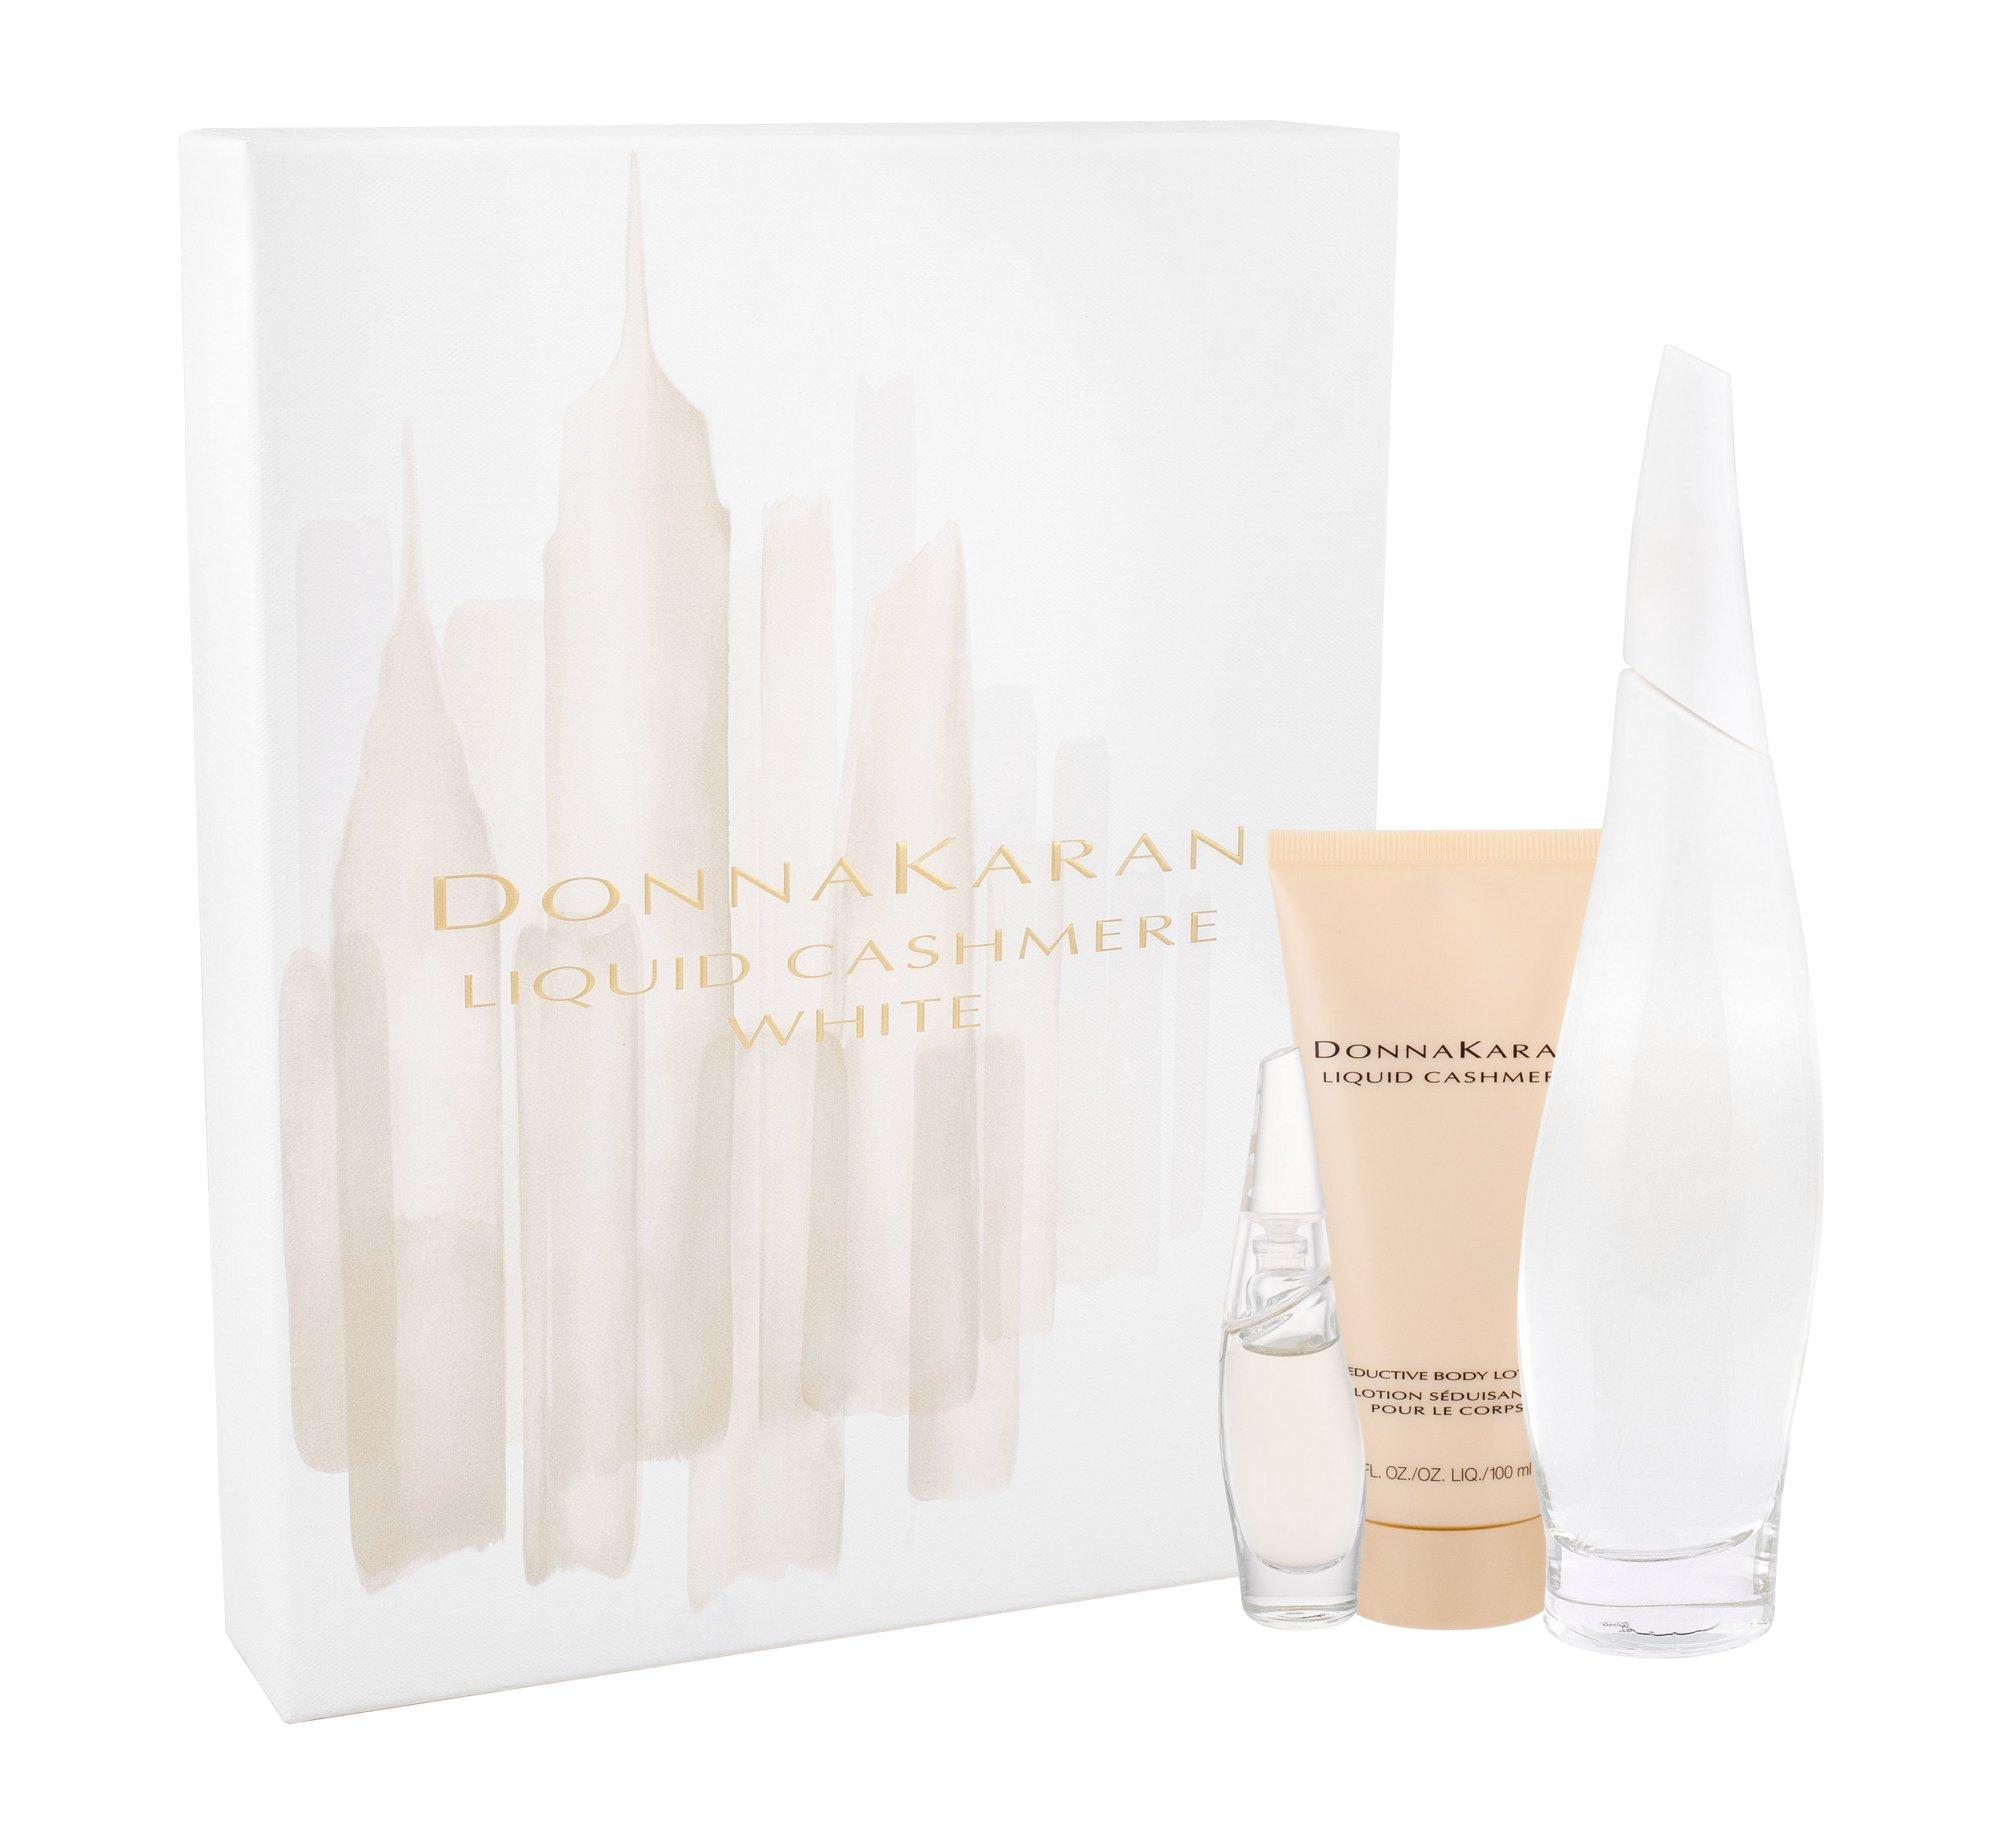 DKNY Liquid Cashmere White Eau de Parfum 100ml